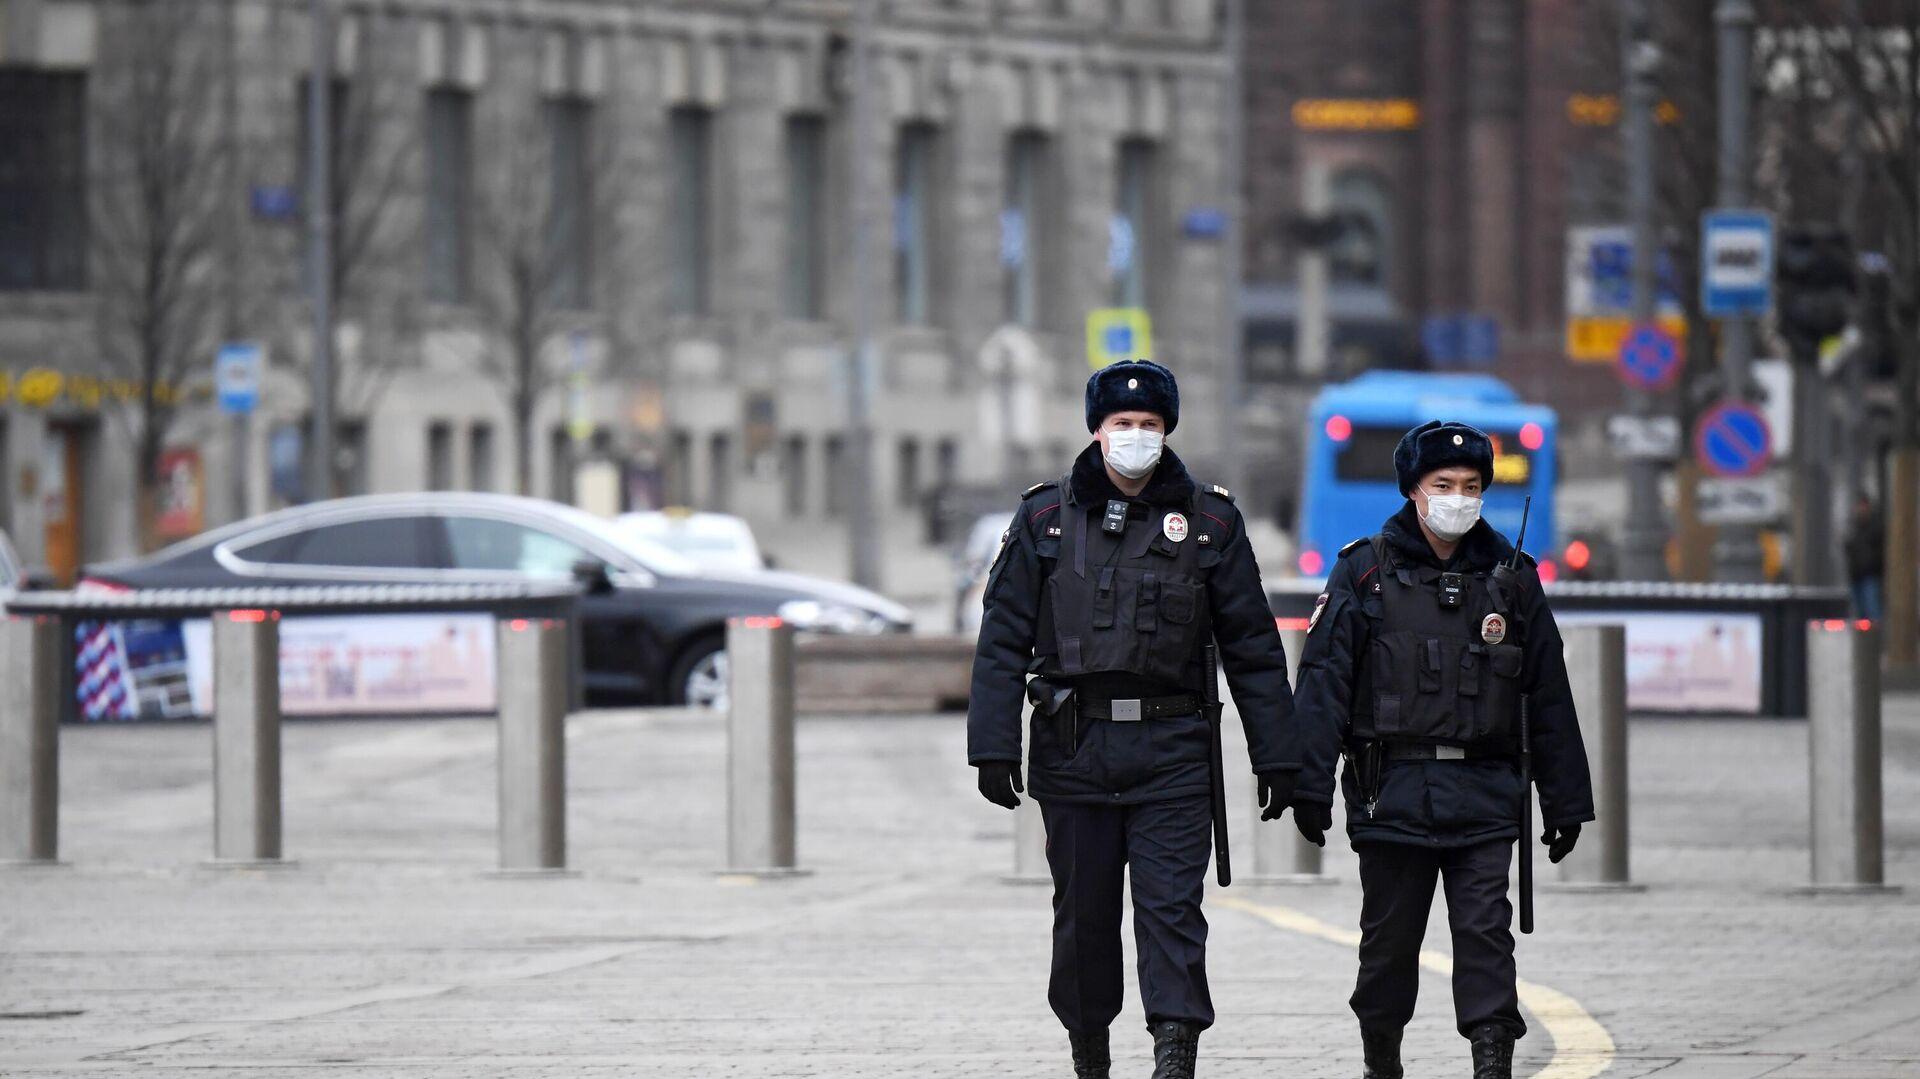 Сотрудники полиции в Москве - РИА Новости, 1920, 23.01.2021